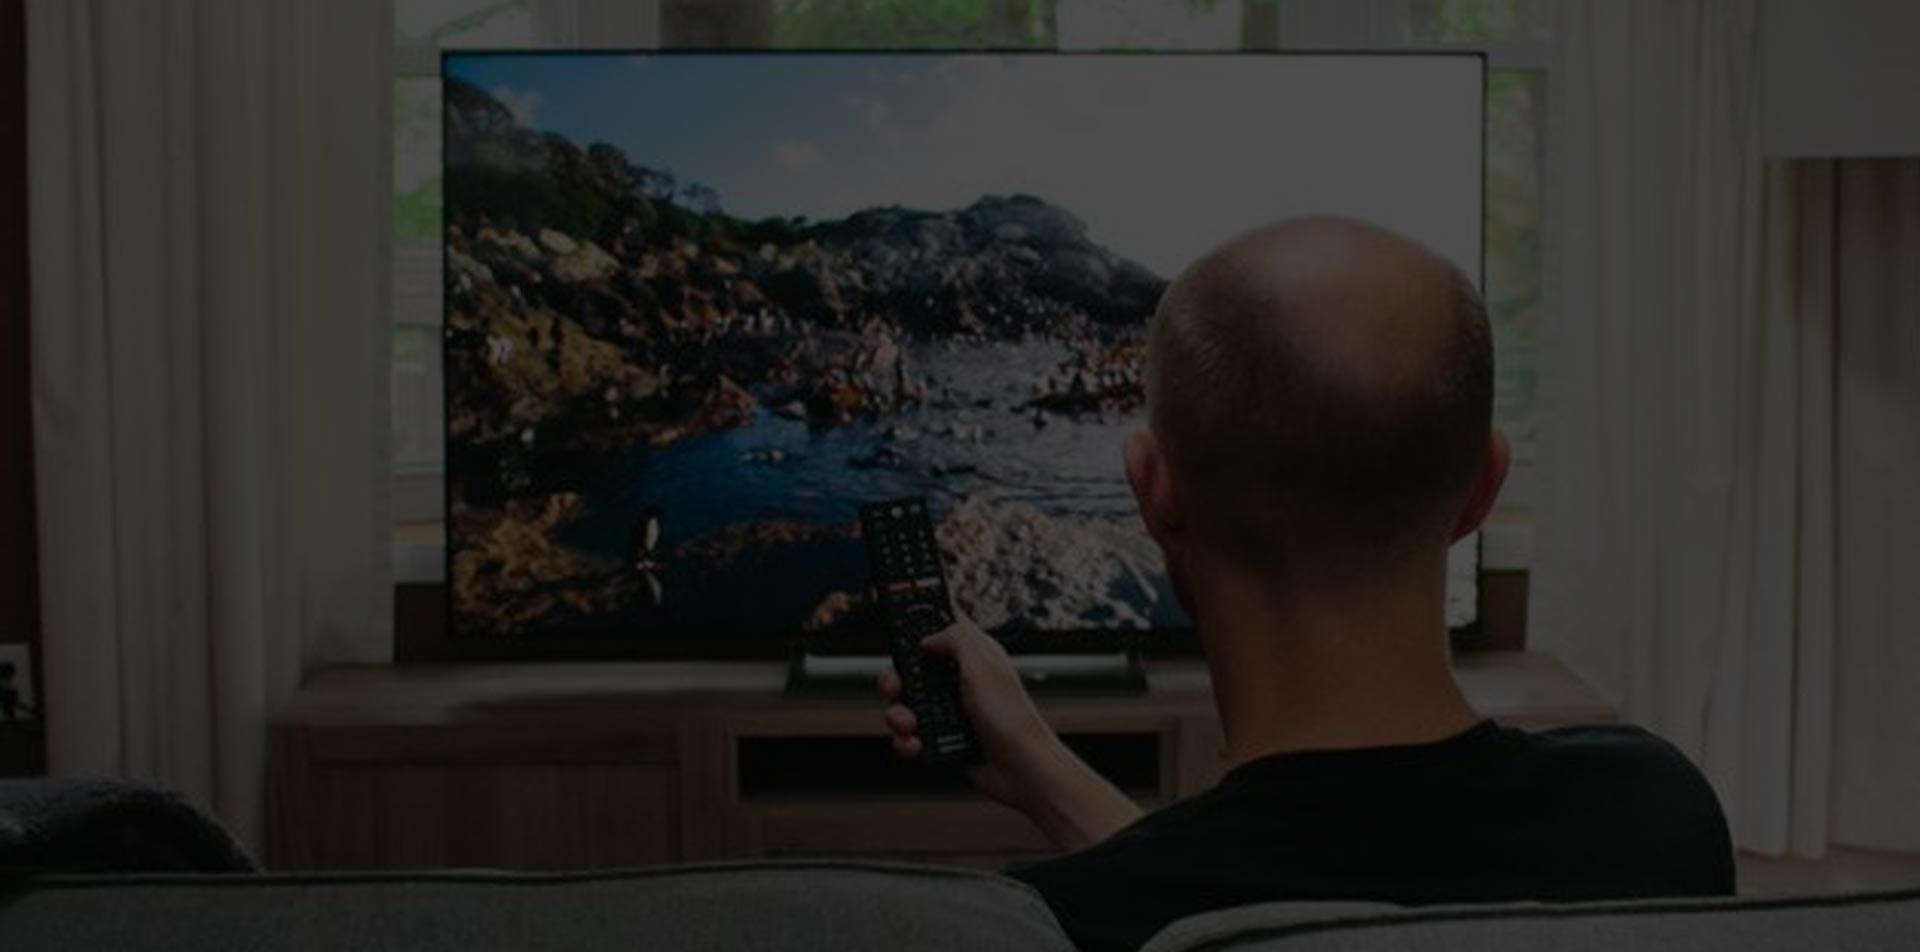 تعمیر تلویزیون سونی ال سی دی در منزل